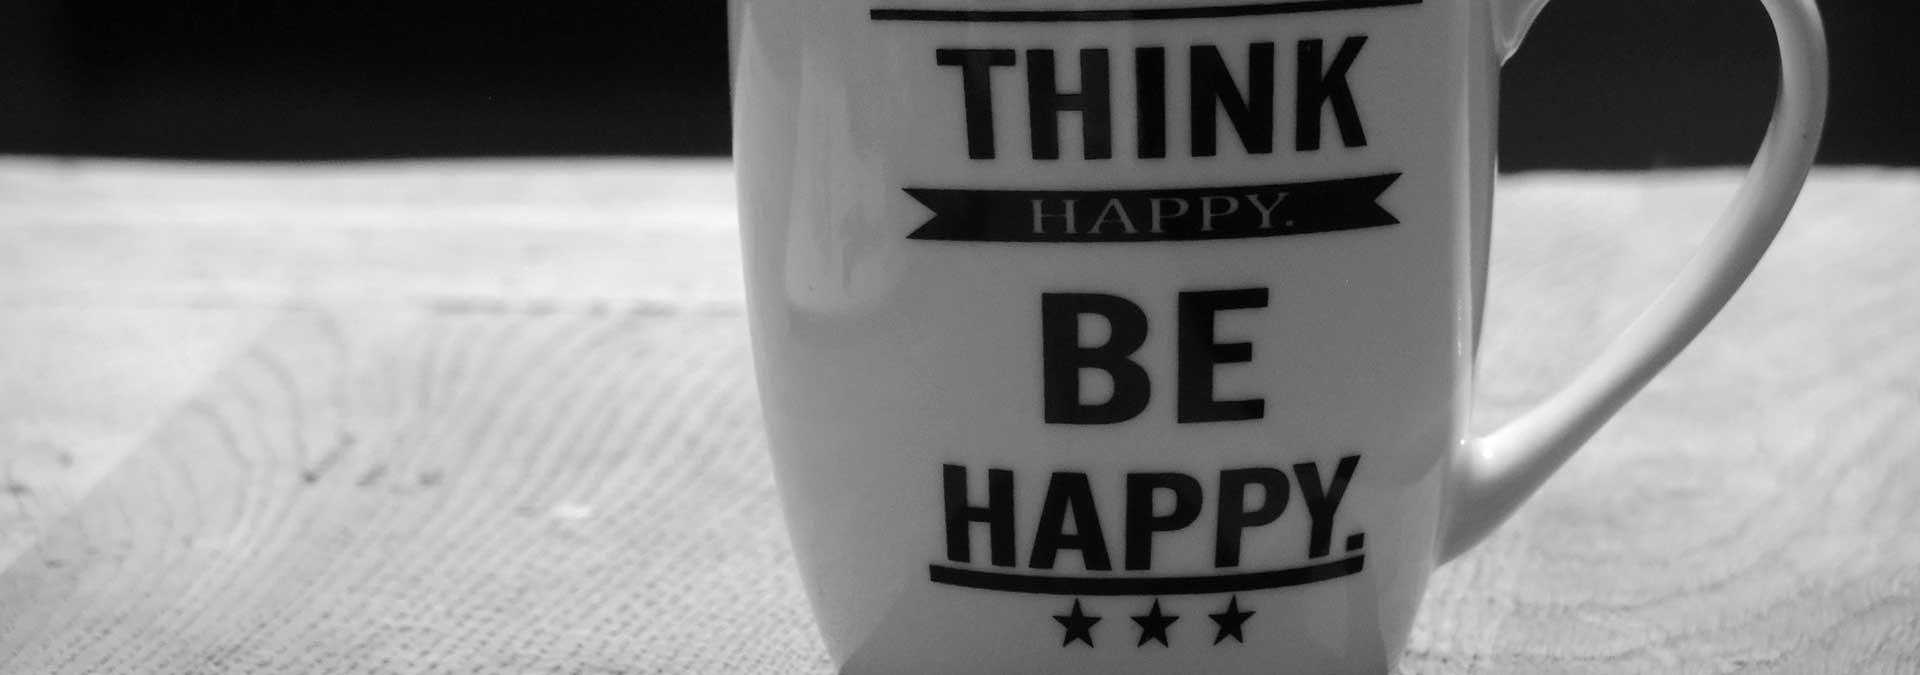 Spreuken voor Optimisme - positieve spreuken van ingspire